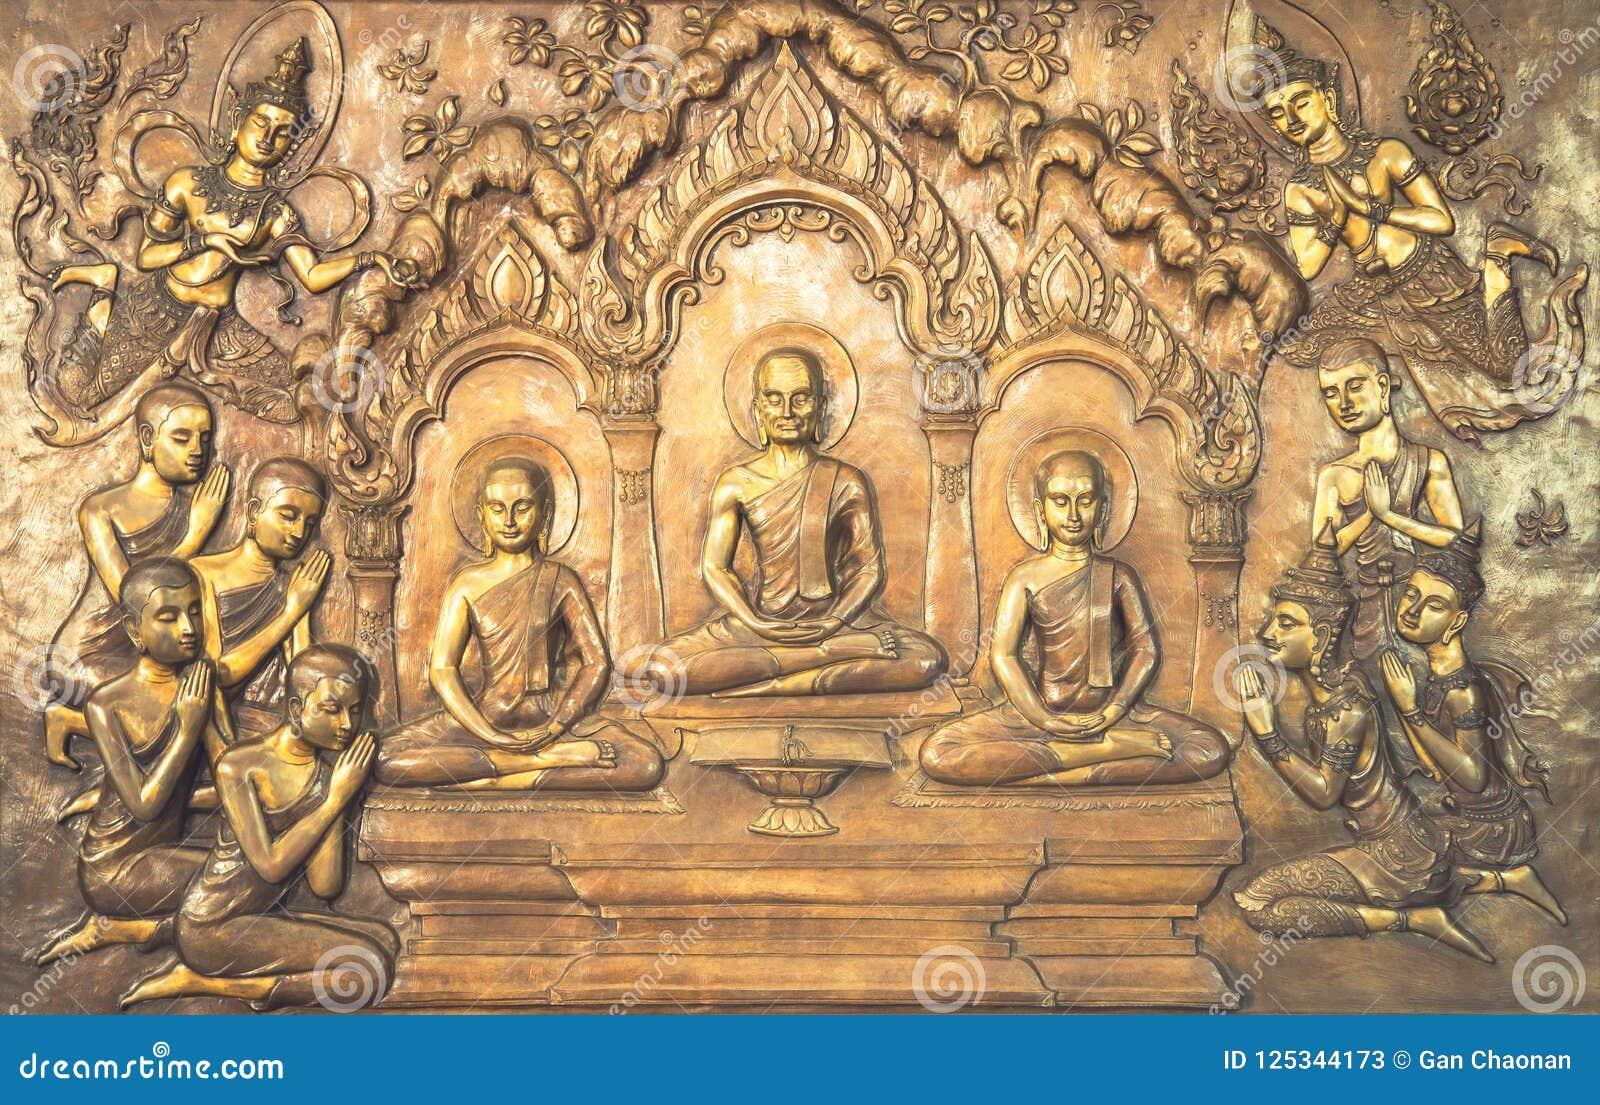 Hölzernes Schnitzen Buddhas Wandmalereien erzählen die Geschichte über die Buddha-` s Geschichte